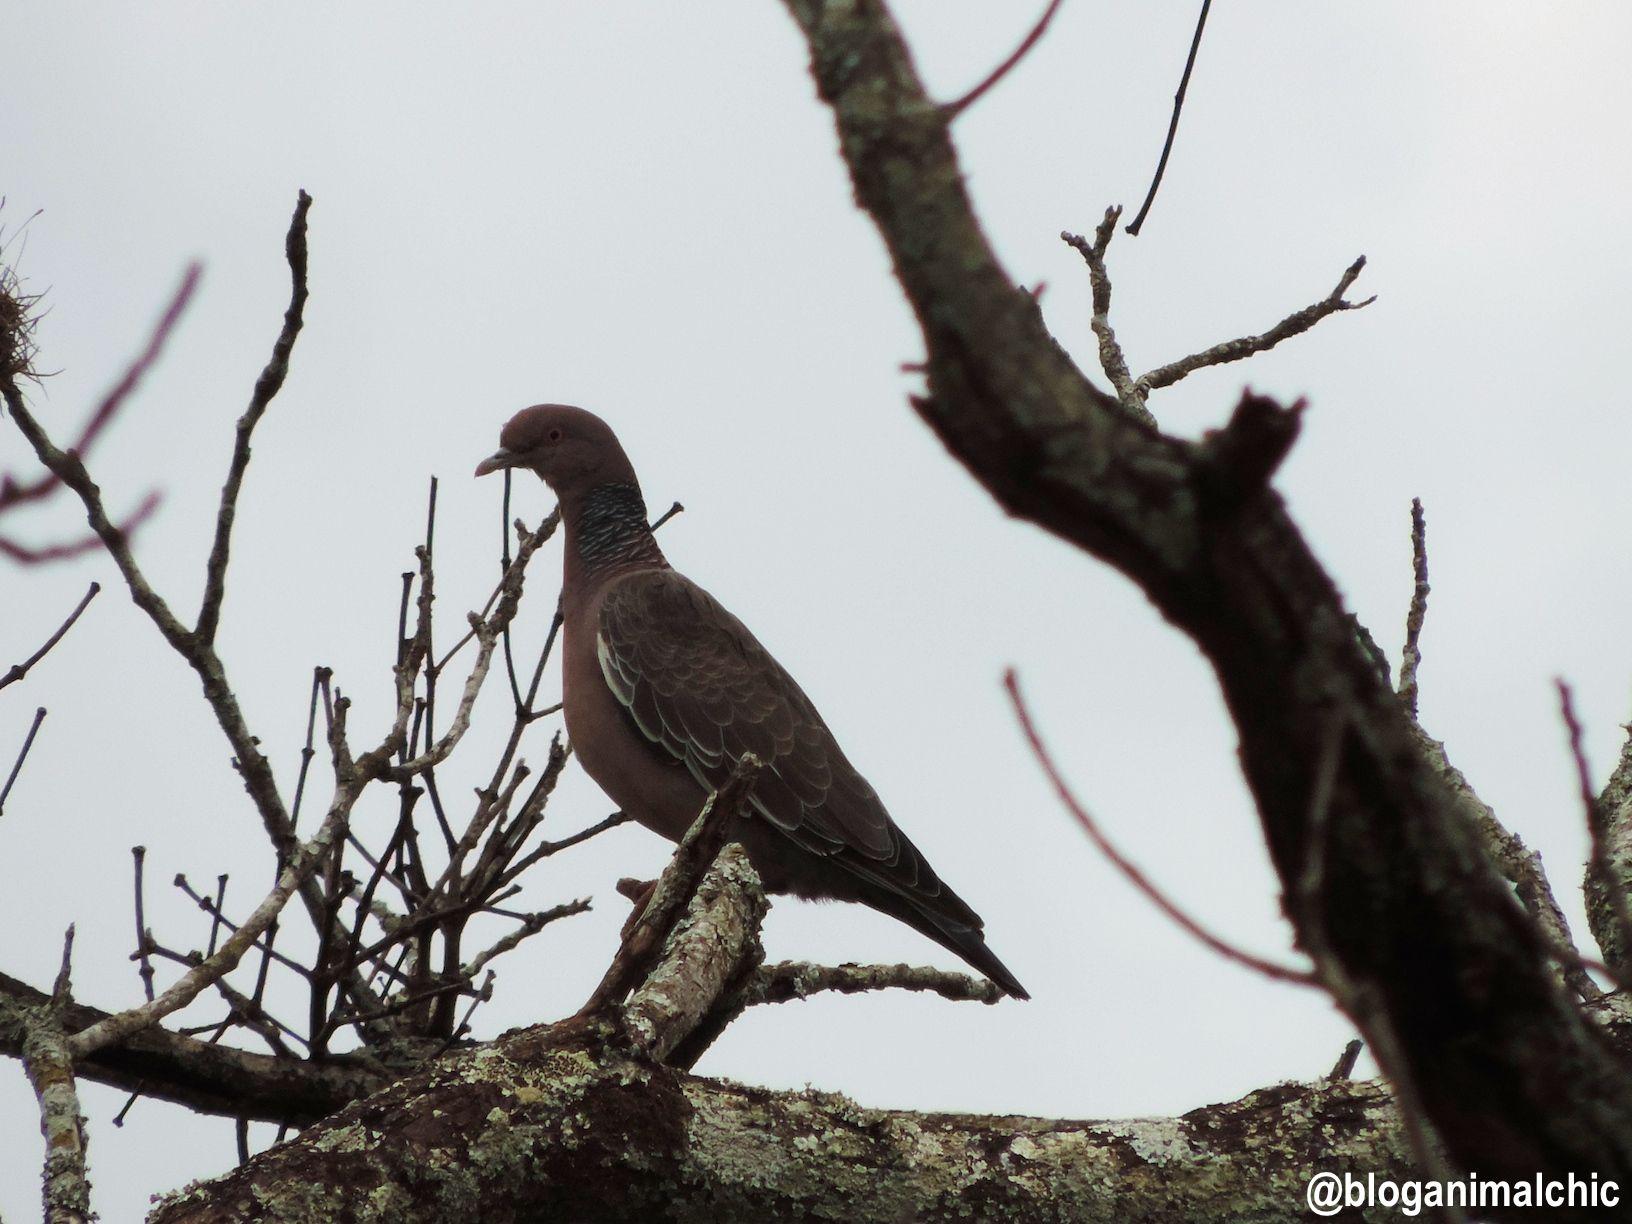 Pombão (Patagioenas picazuro) registrada em São José do Rio Pardo/SP, em Fevereiro/14.